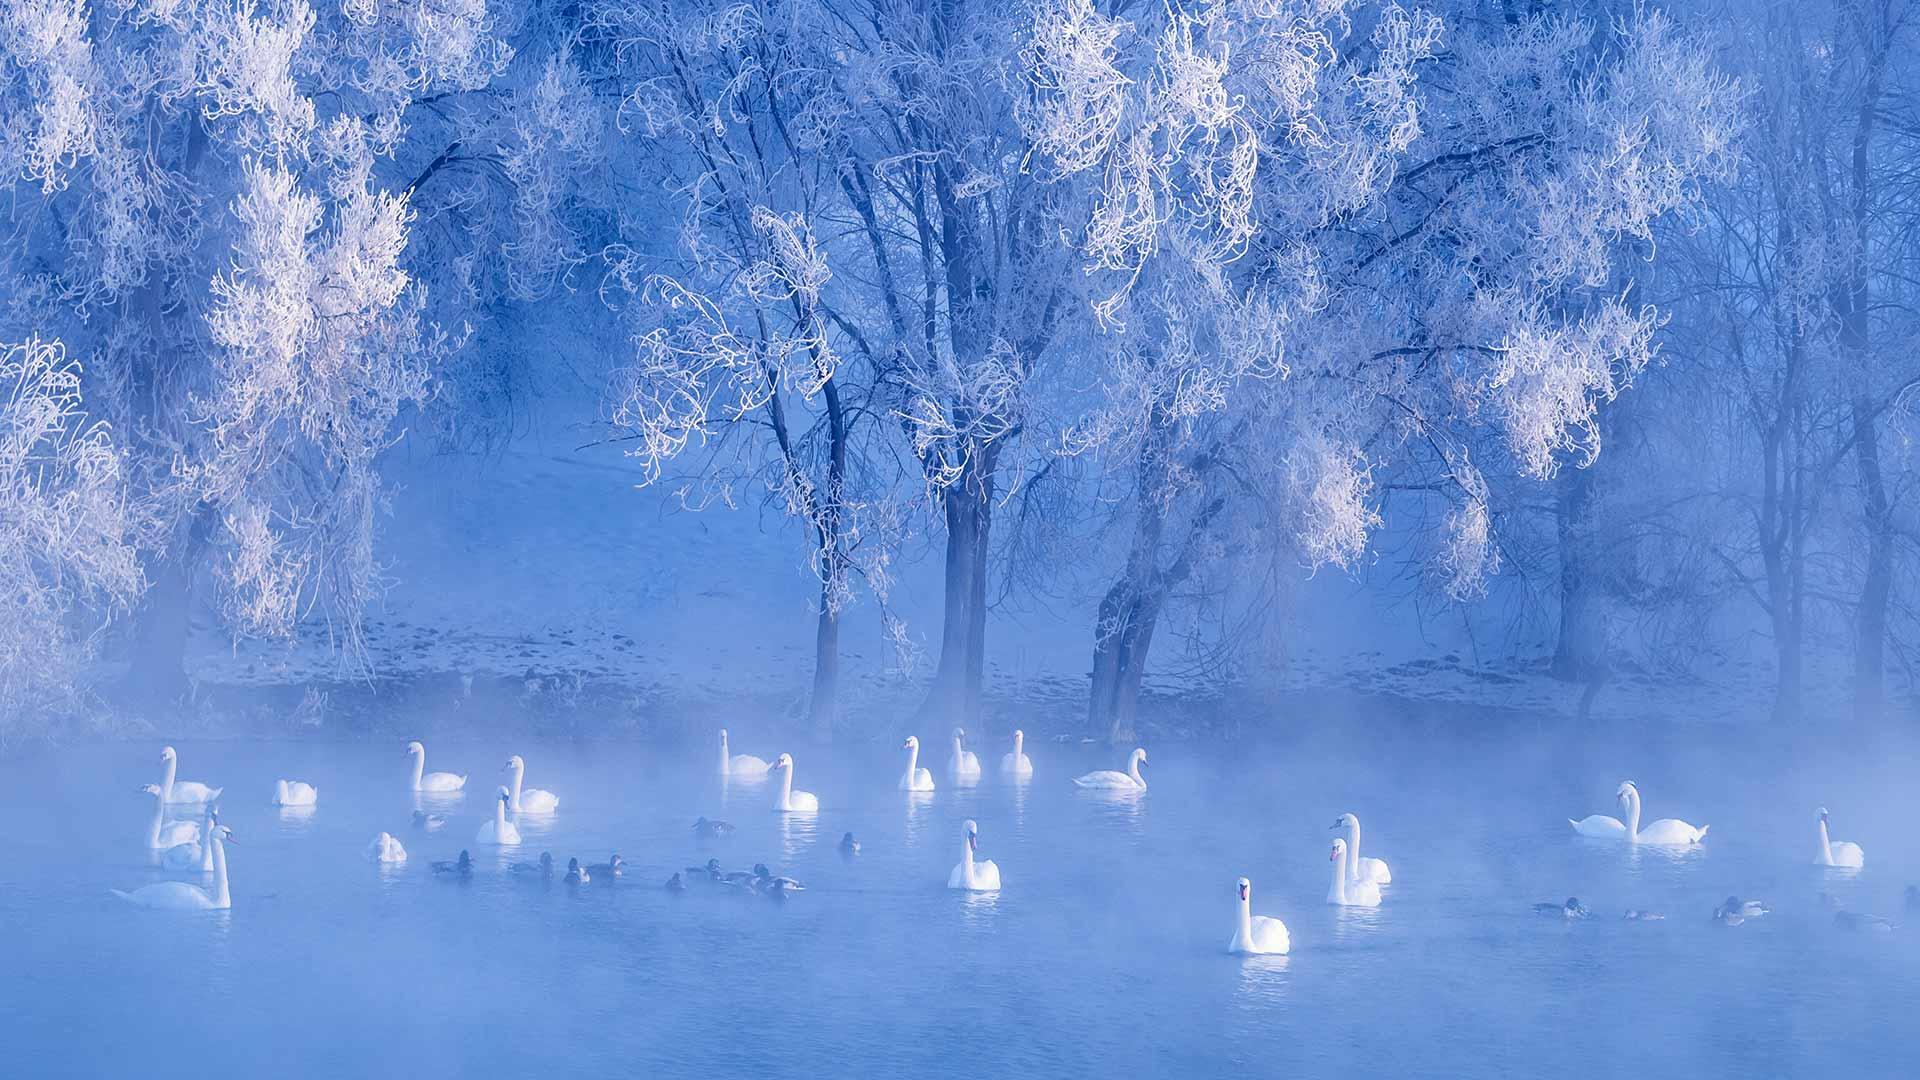 Swans on lake, Yili, Xinjiang, China (© Sino Images/Getty Images)